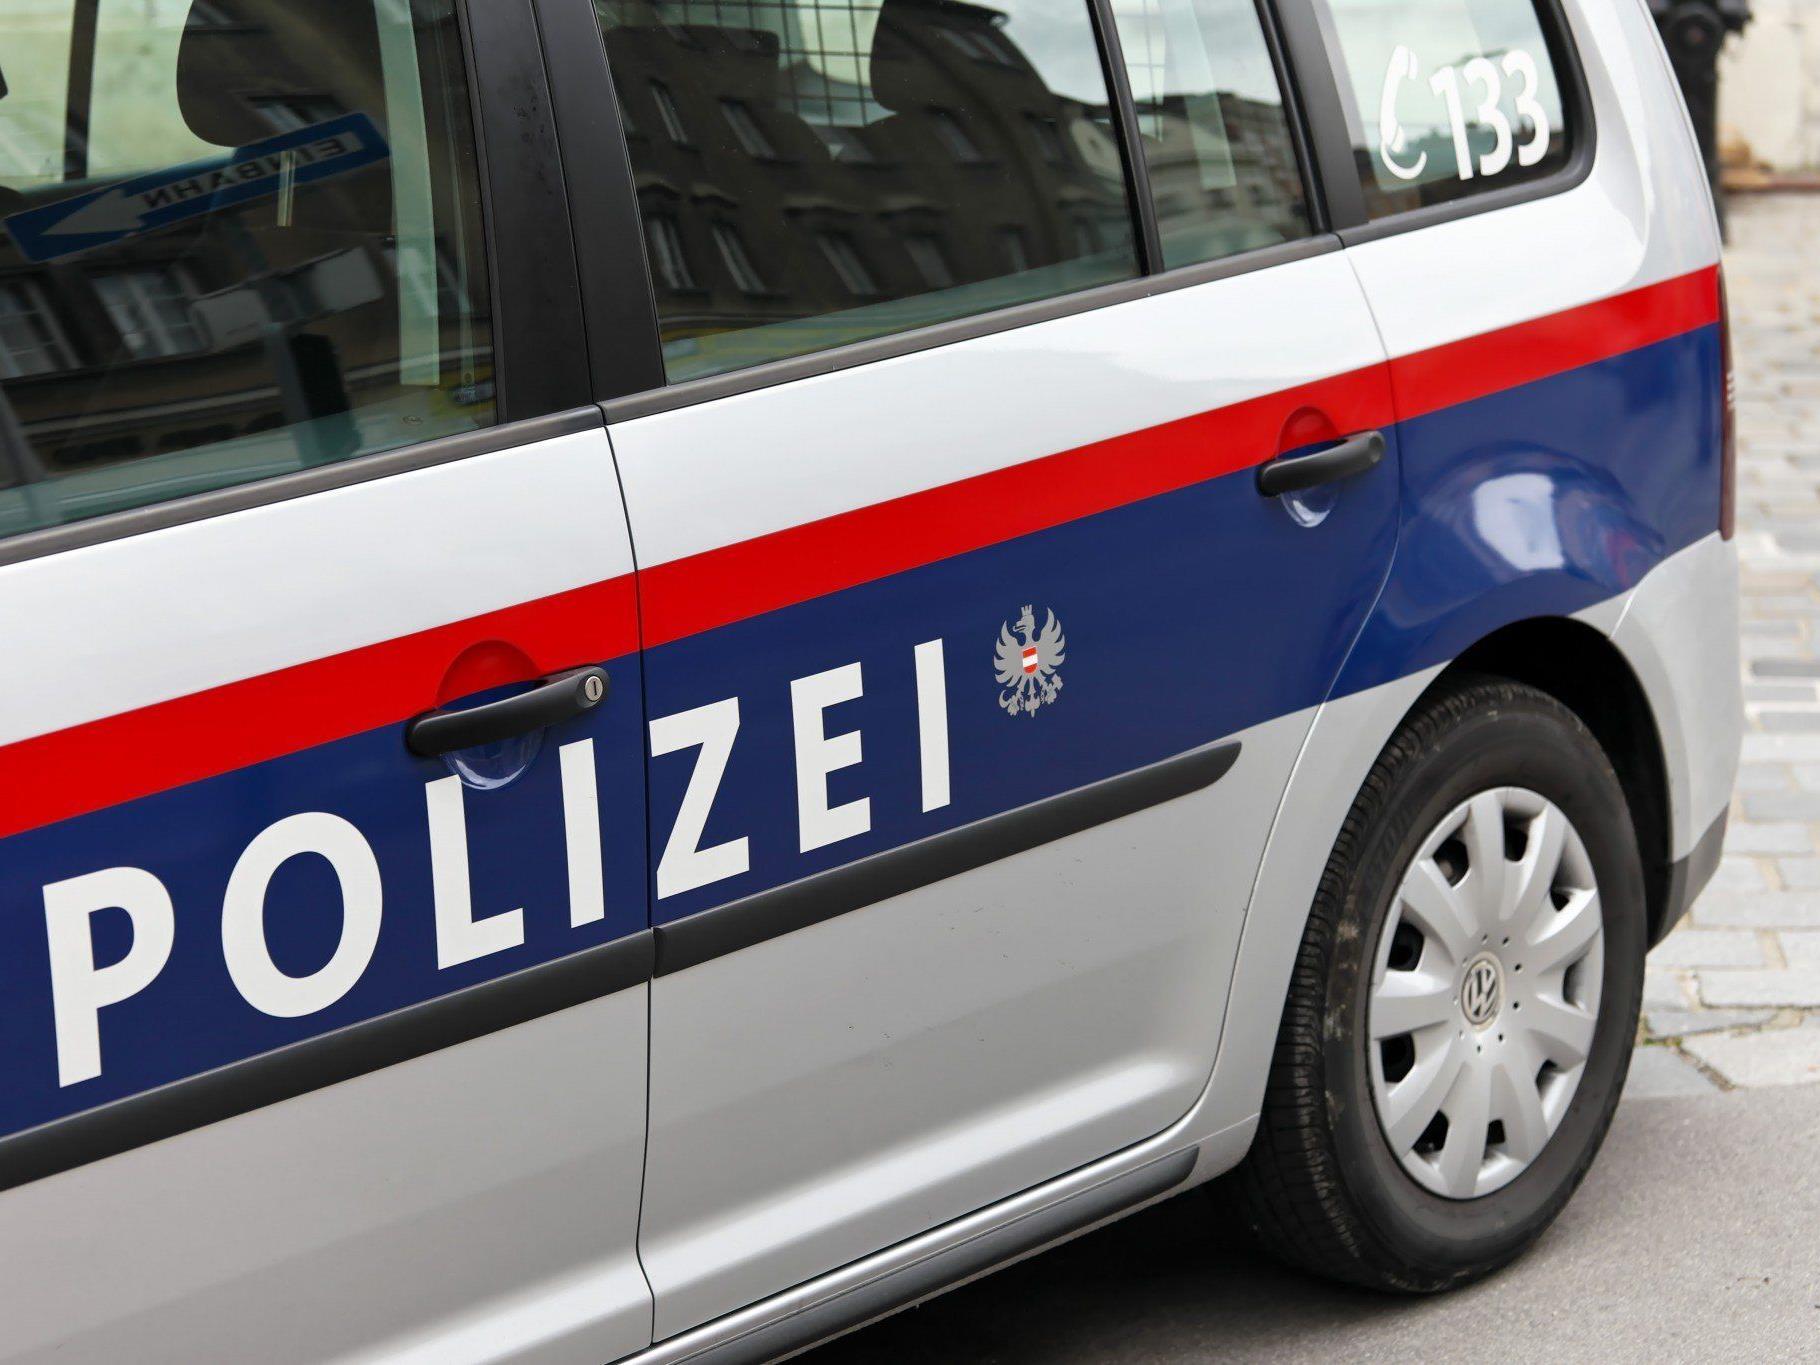 18-Jähriger hatte Blaulicht in seinem Wagen - von Polizei ausgeforscht.